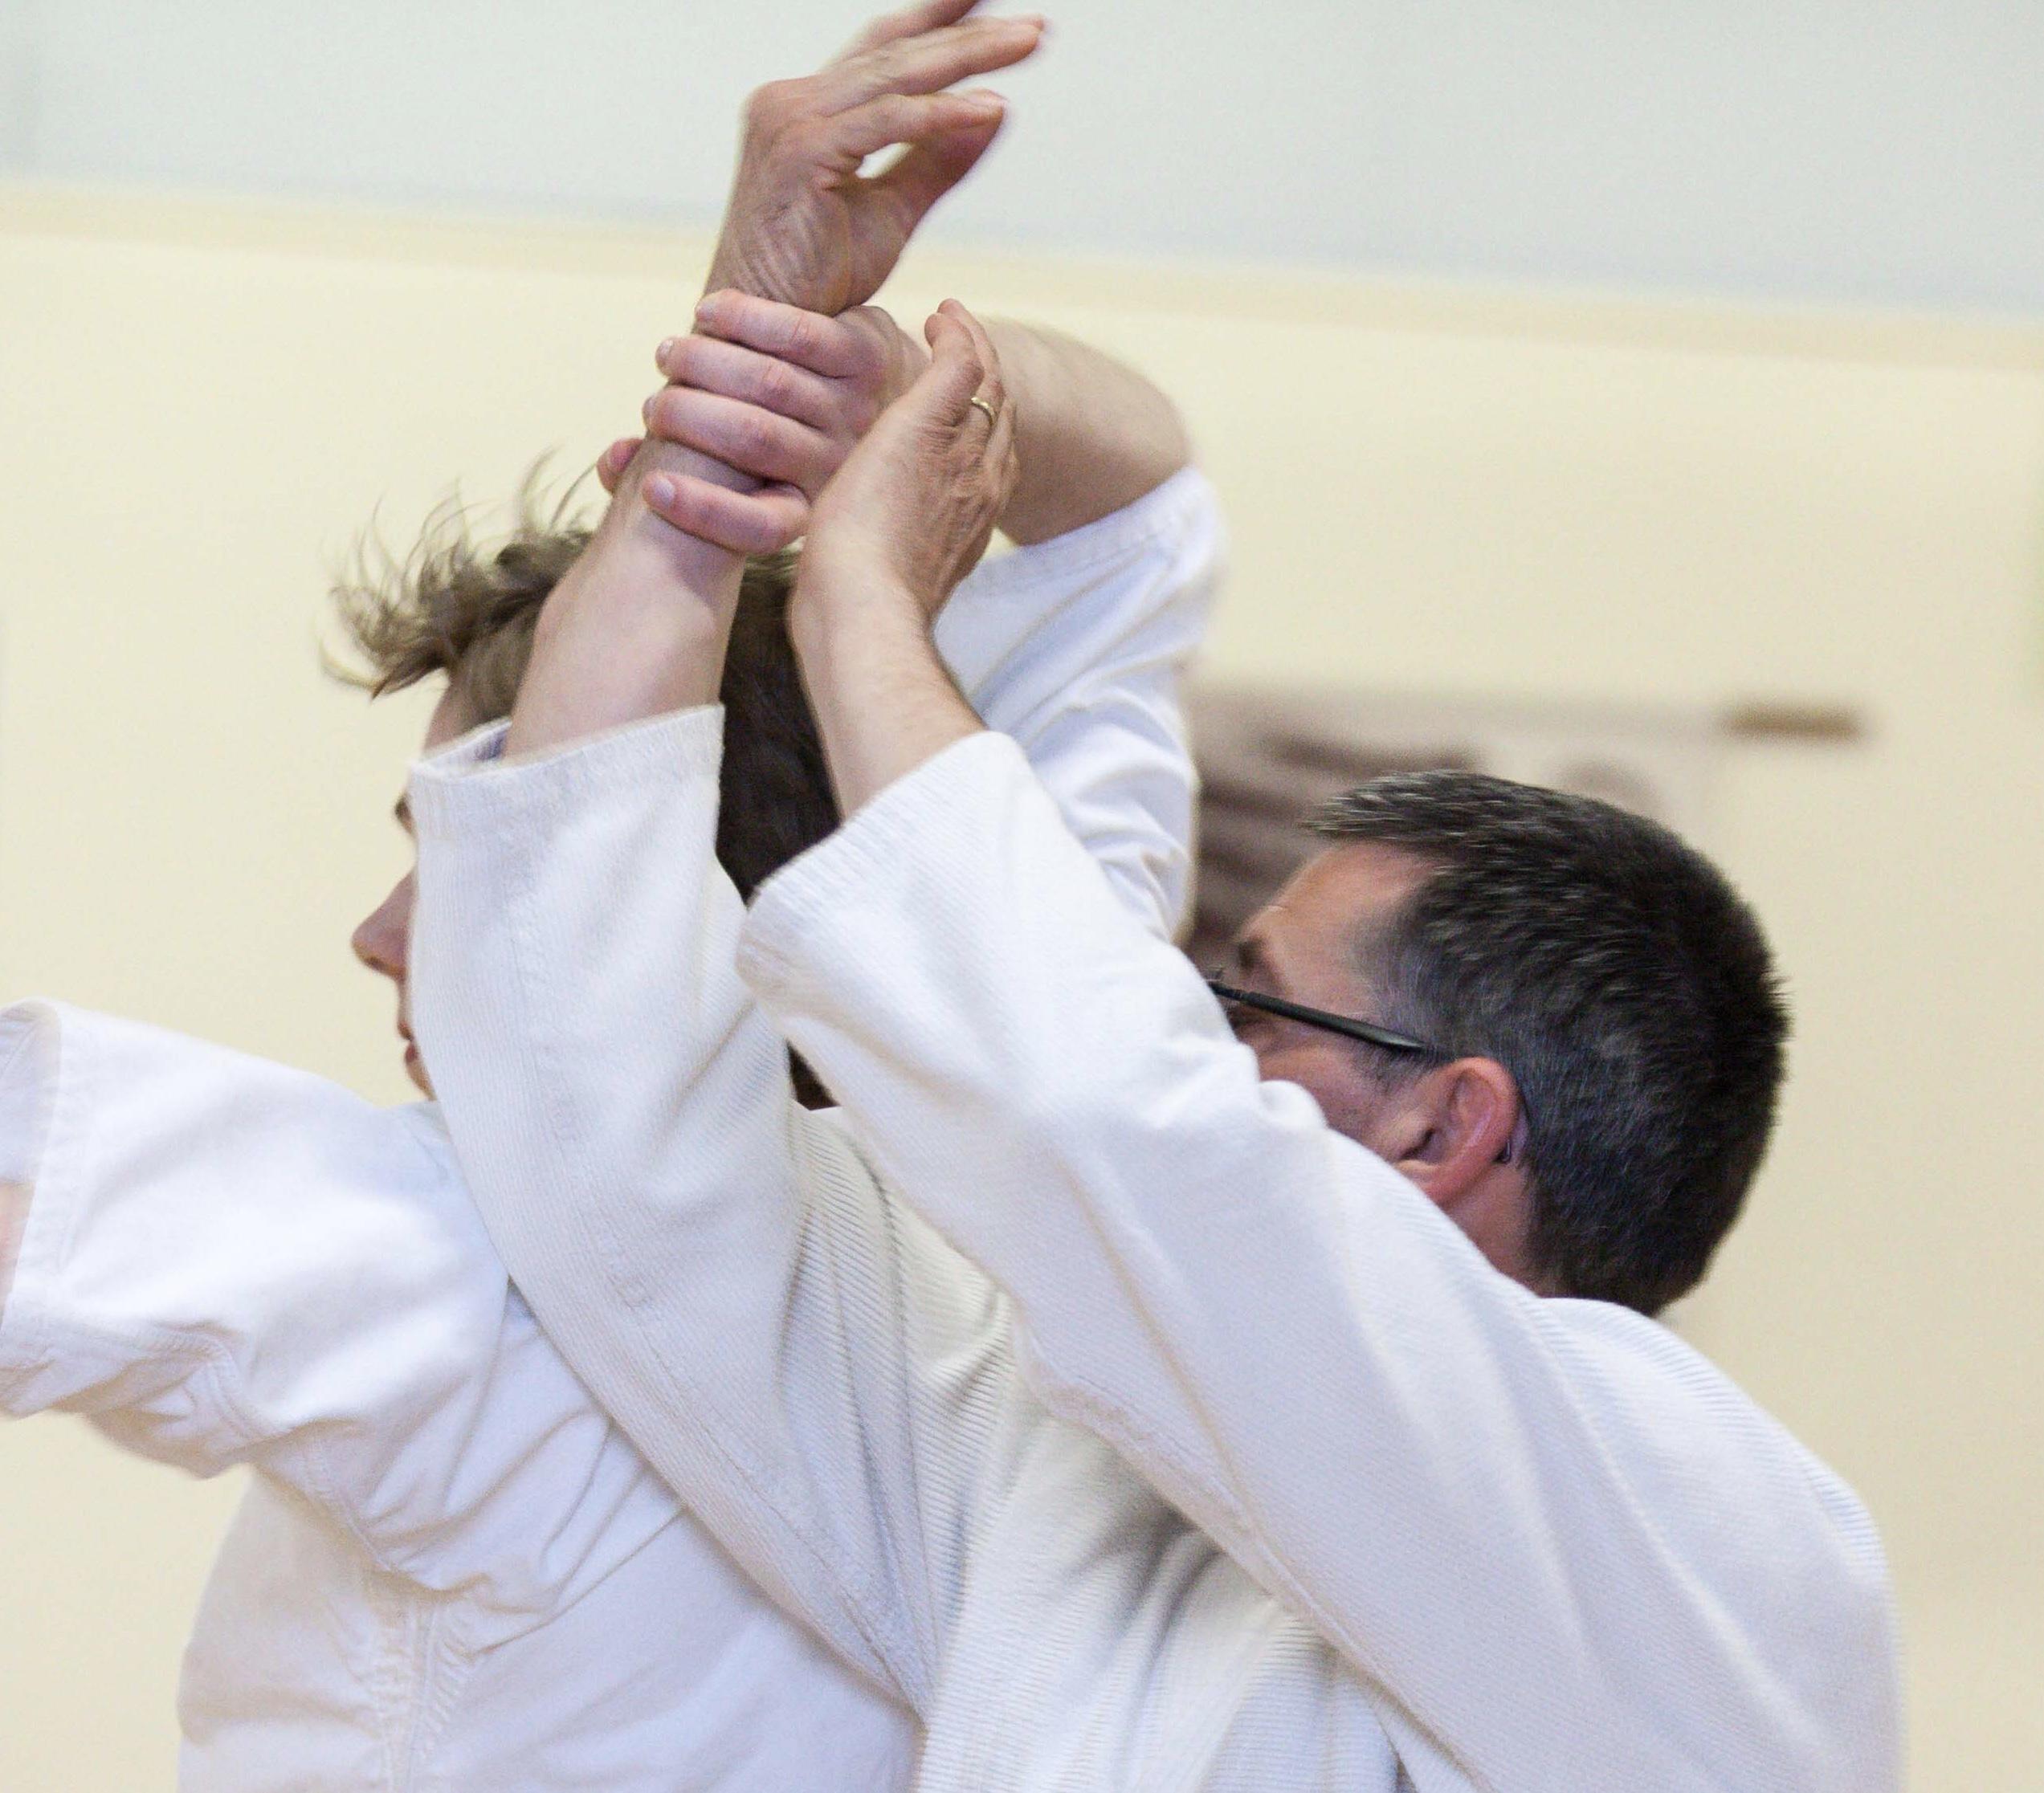 Leren accepteren vanuit je centrum is een van de moeilijkste dingen in aikido.